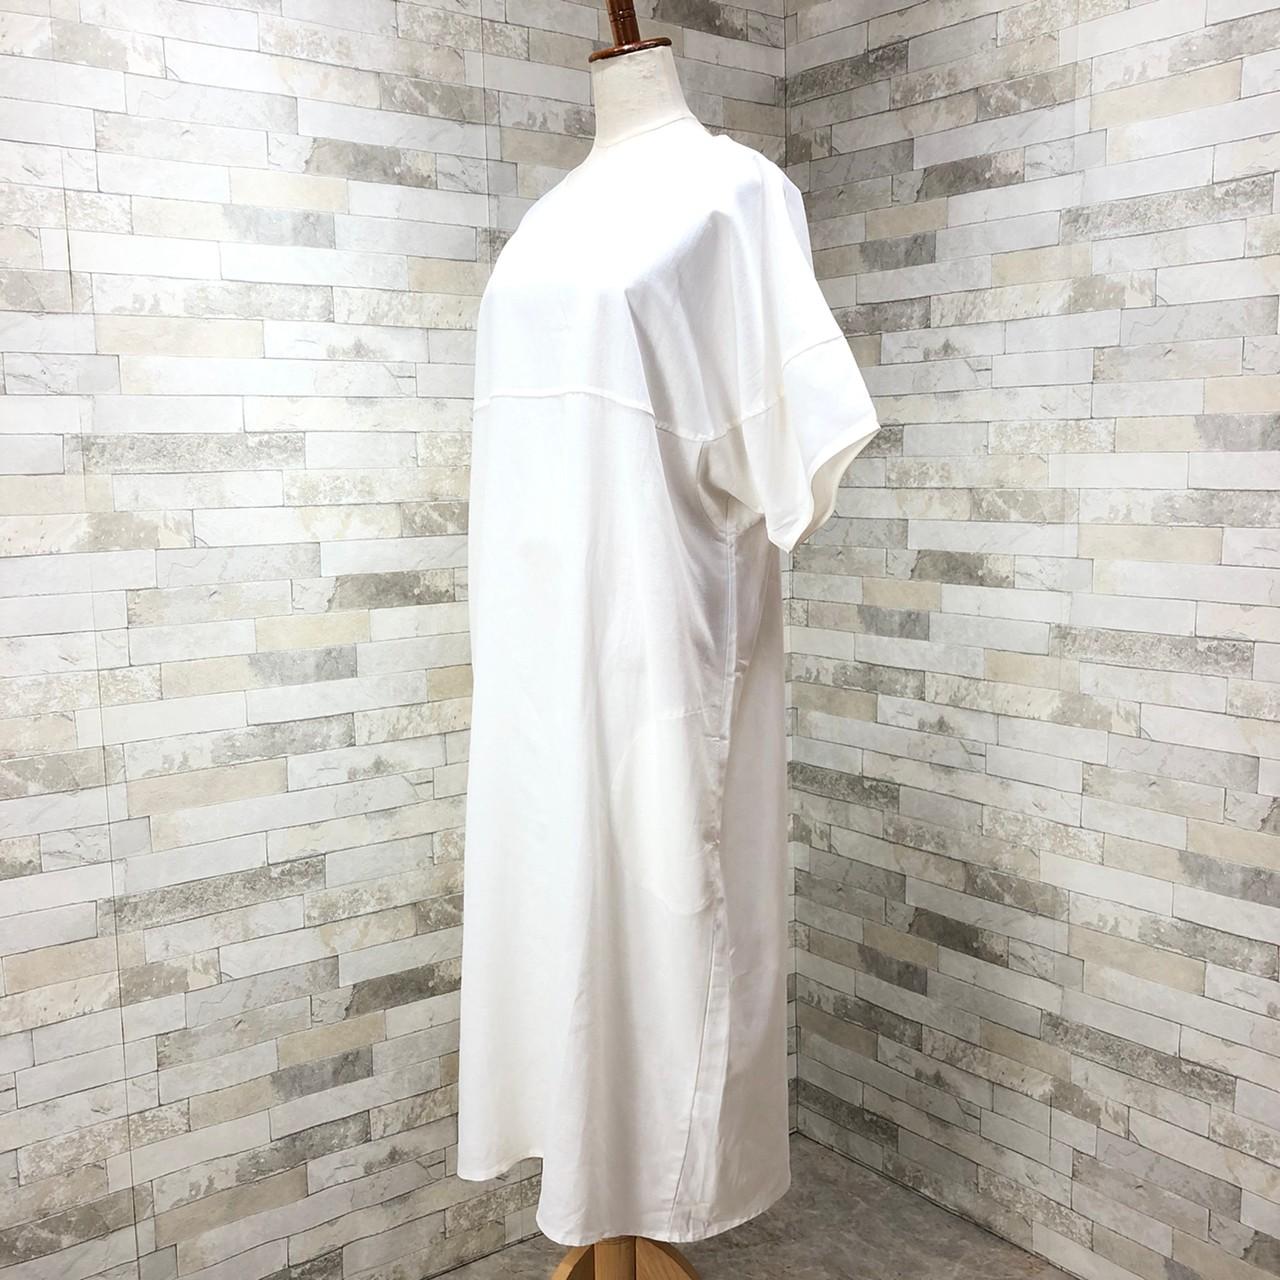 韓国 ファッション ワンピース 春 夏 カジュアル PTXI416  袖コンシャス ゆったり 体型カバー ラフ オルチャン シンプル 定番 セレカジの写真9枚目